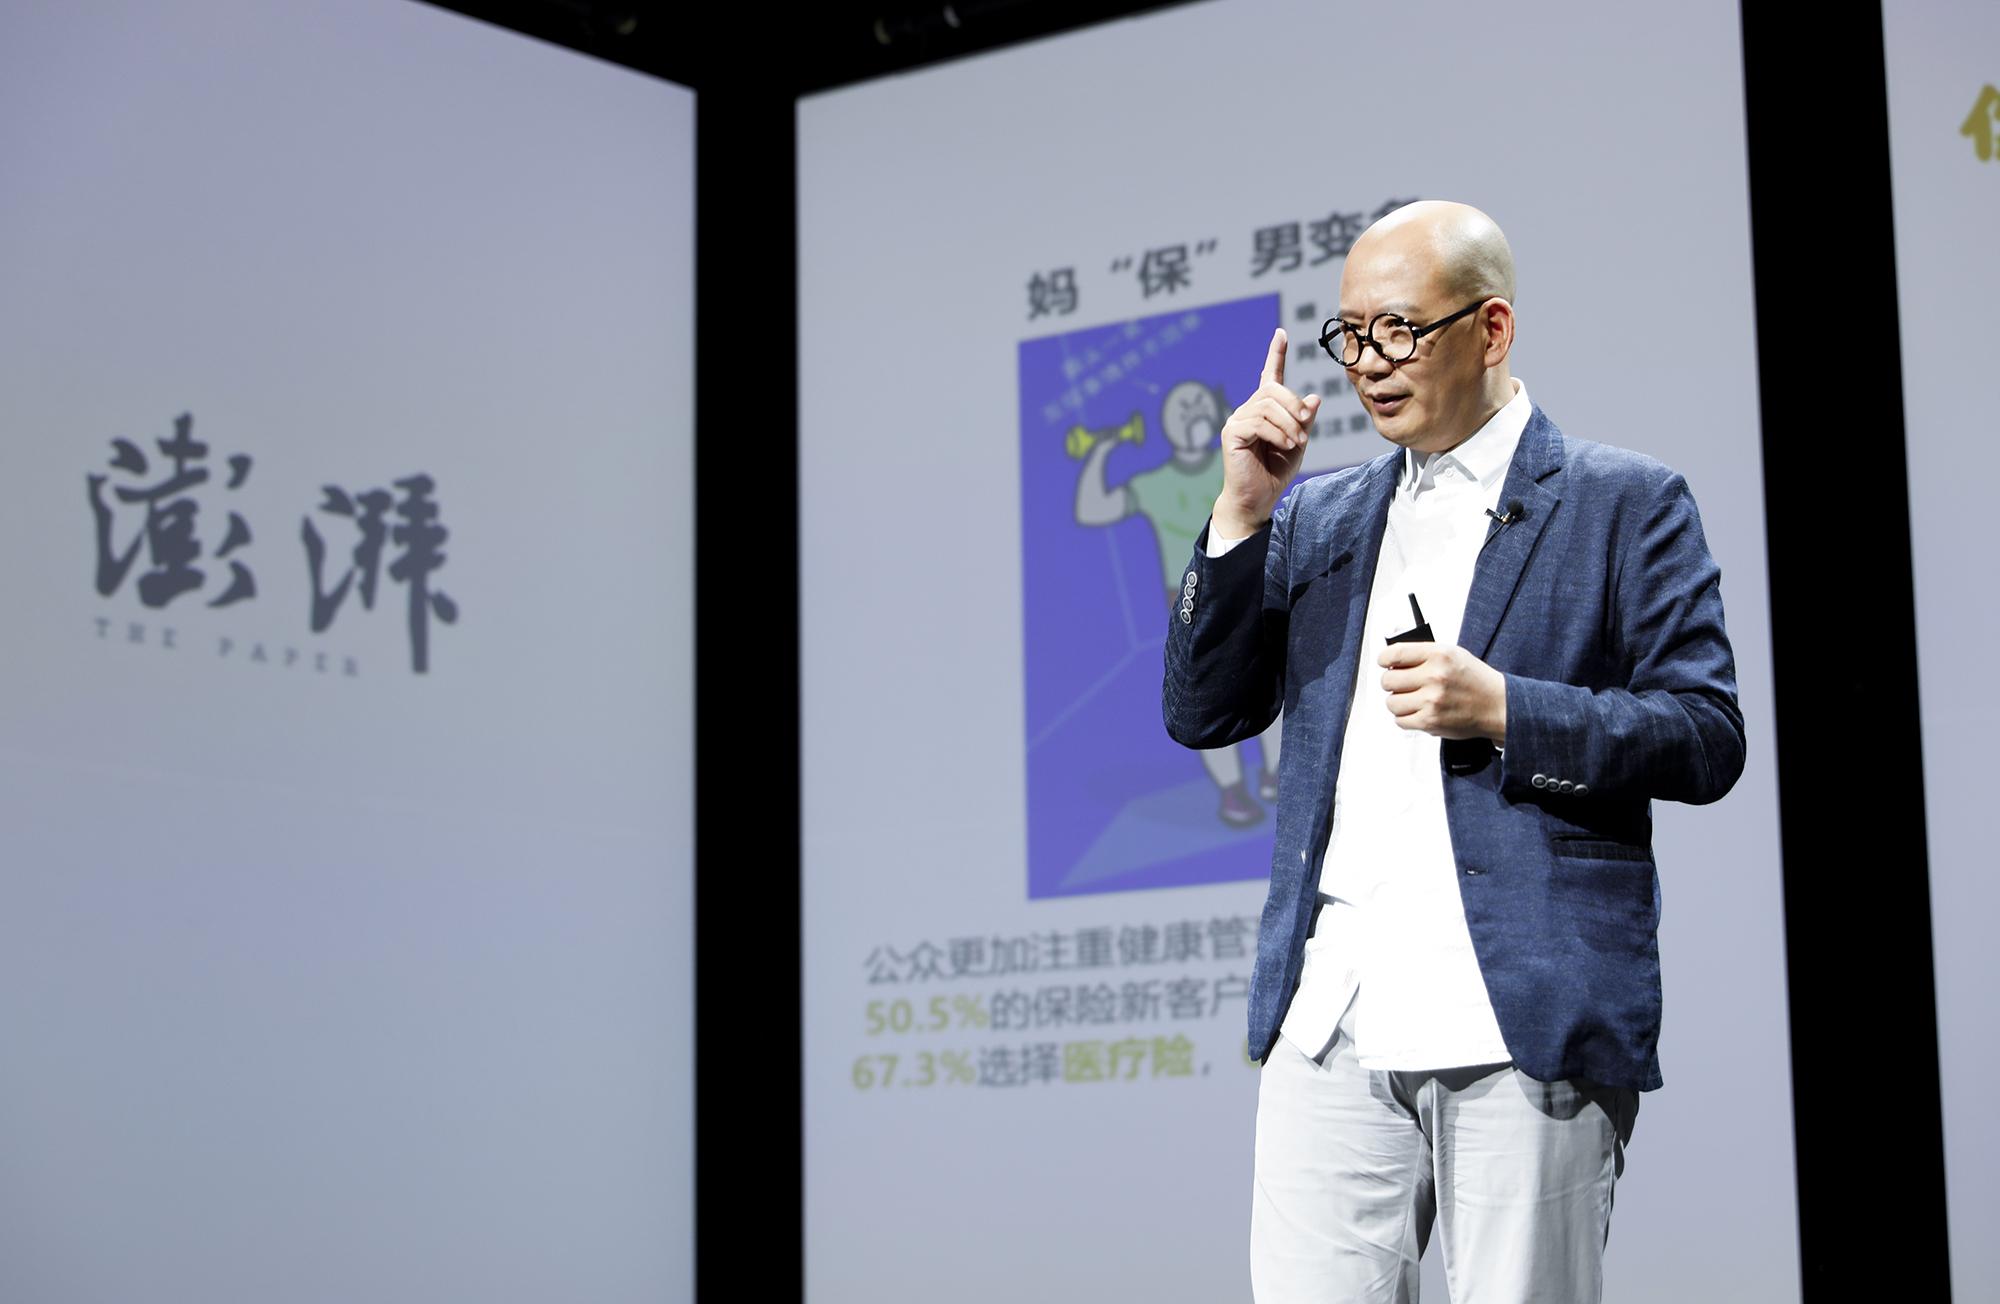 袁岳:后疫情时代的经济,是向前进,是高高扬